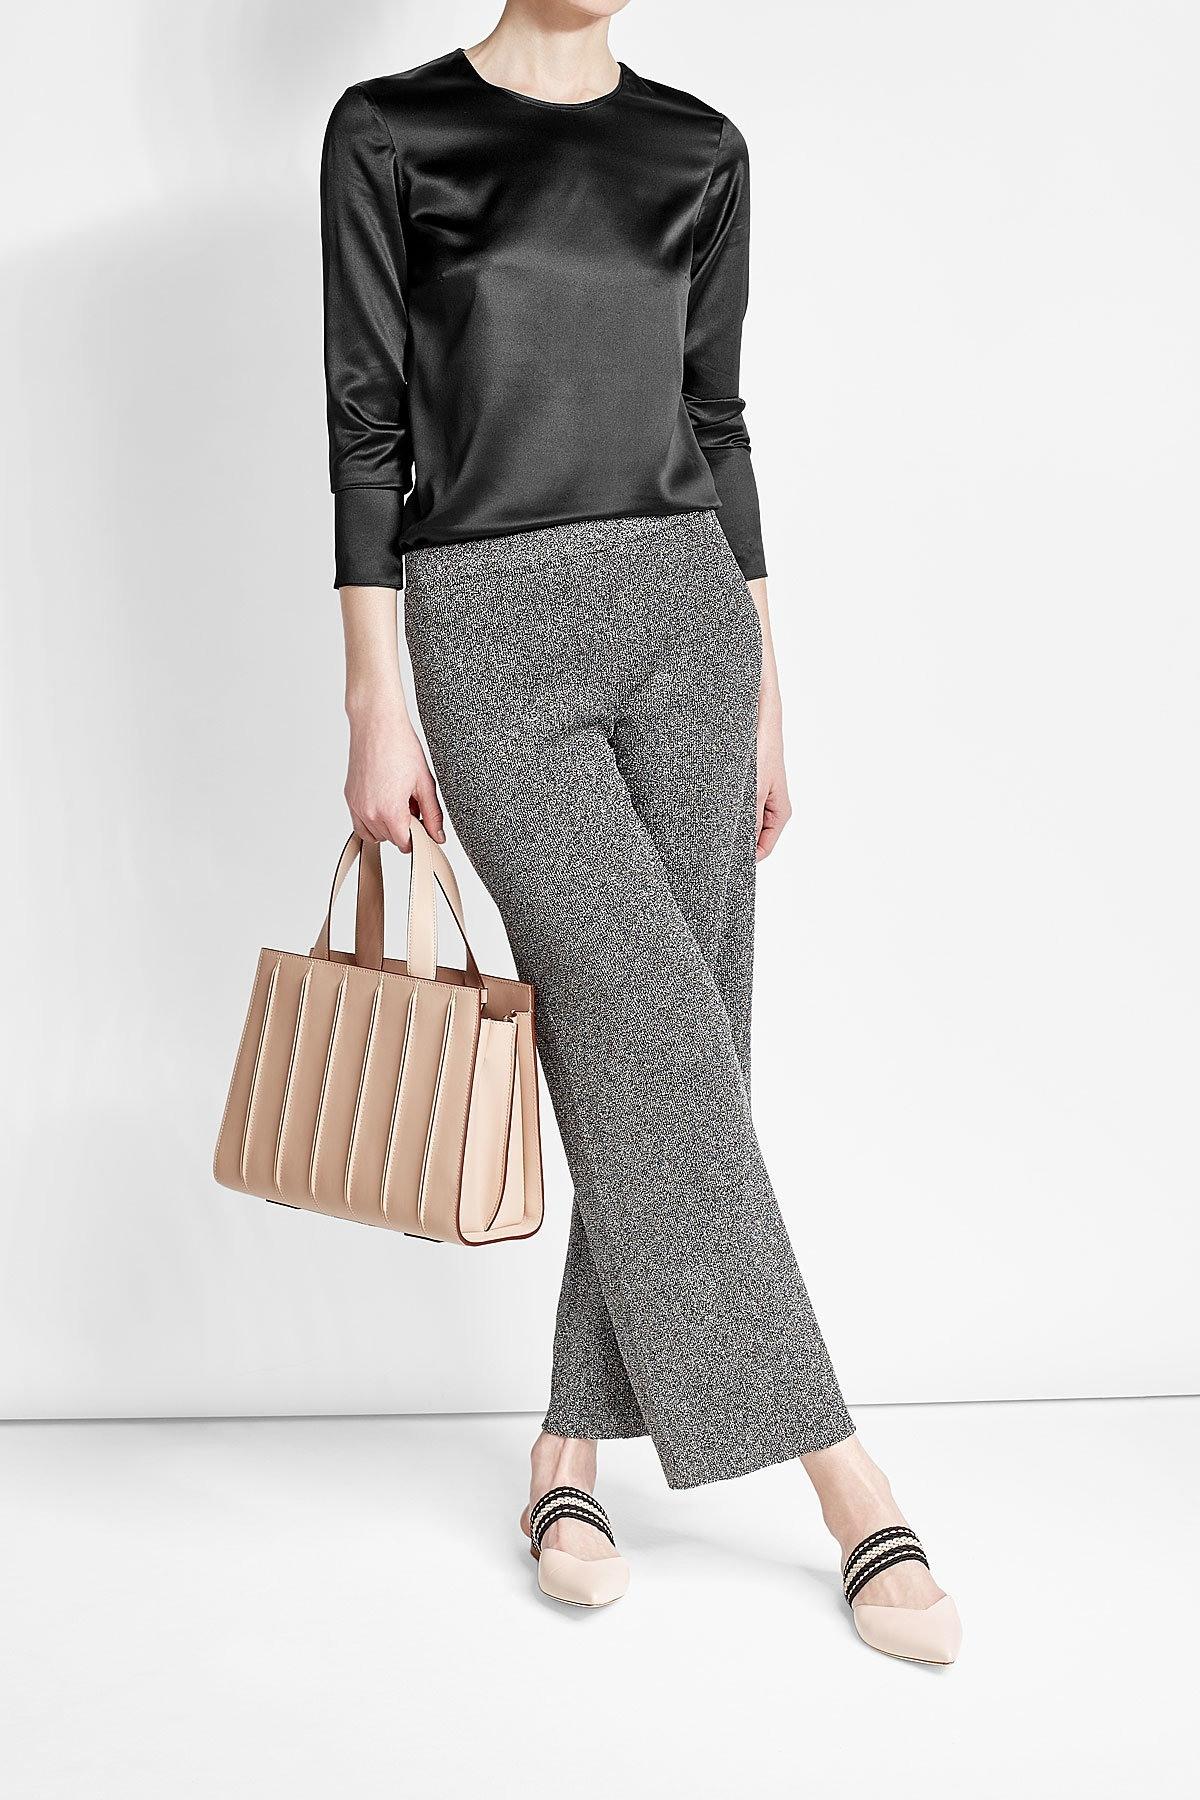 10 Schön Damen Kleidung Boutique15 Erstaunlich Damen Kleidung Ärmel